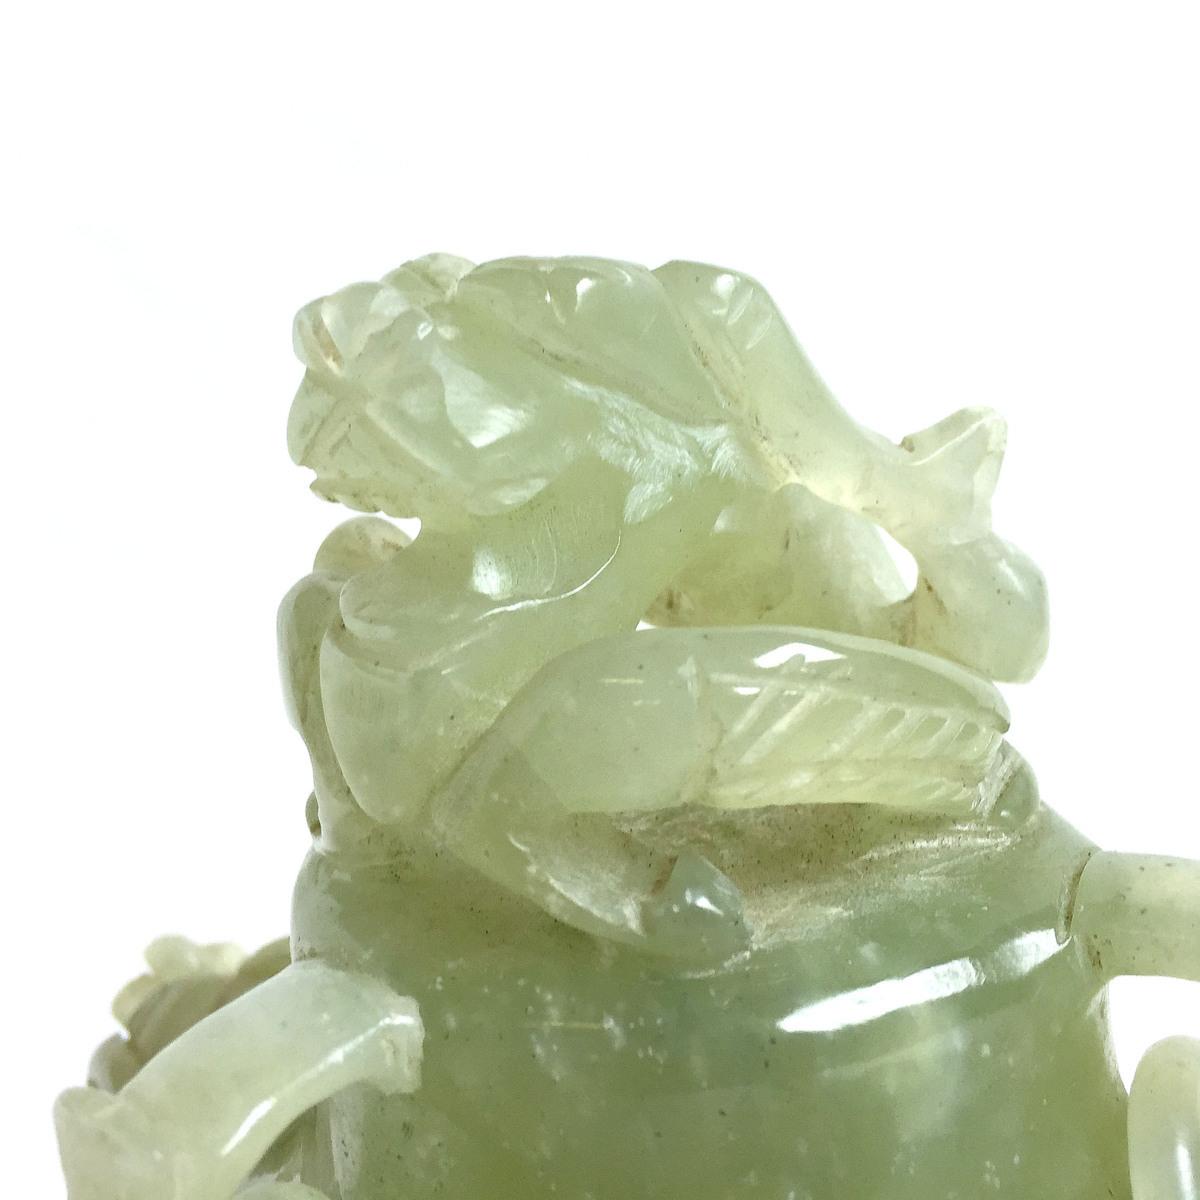 2241 瑪瑙 めのう 玉? 翡翠? 香炉 置物 オブジェ 中国美術 レトロ 高さ約18.5cm リサイクル アンティーク 紀の国屋_画像3